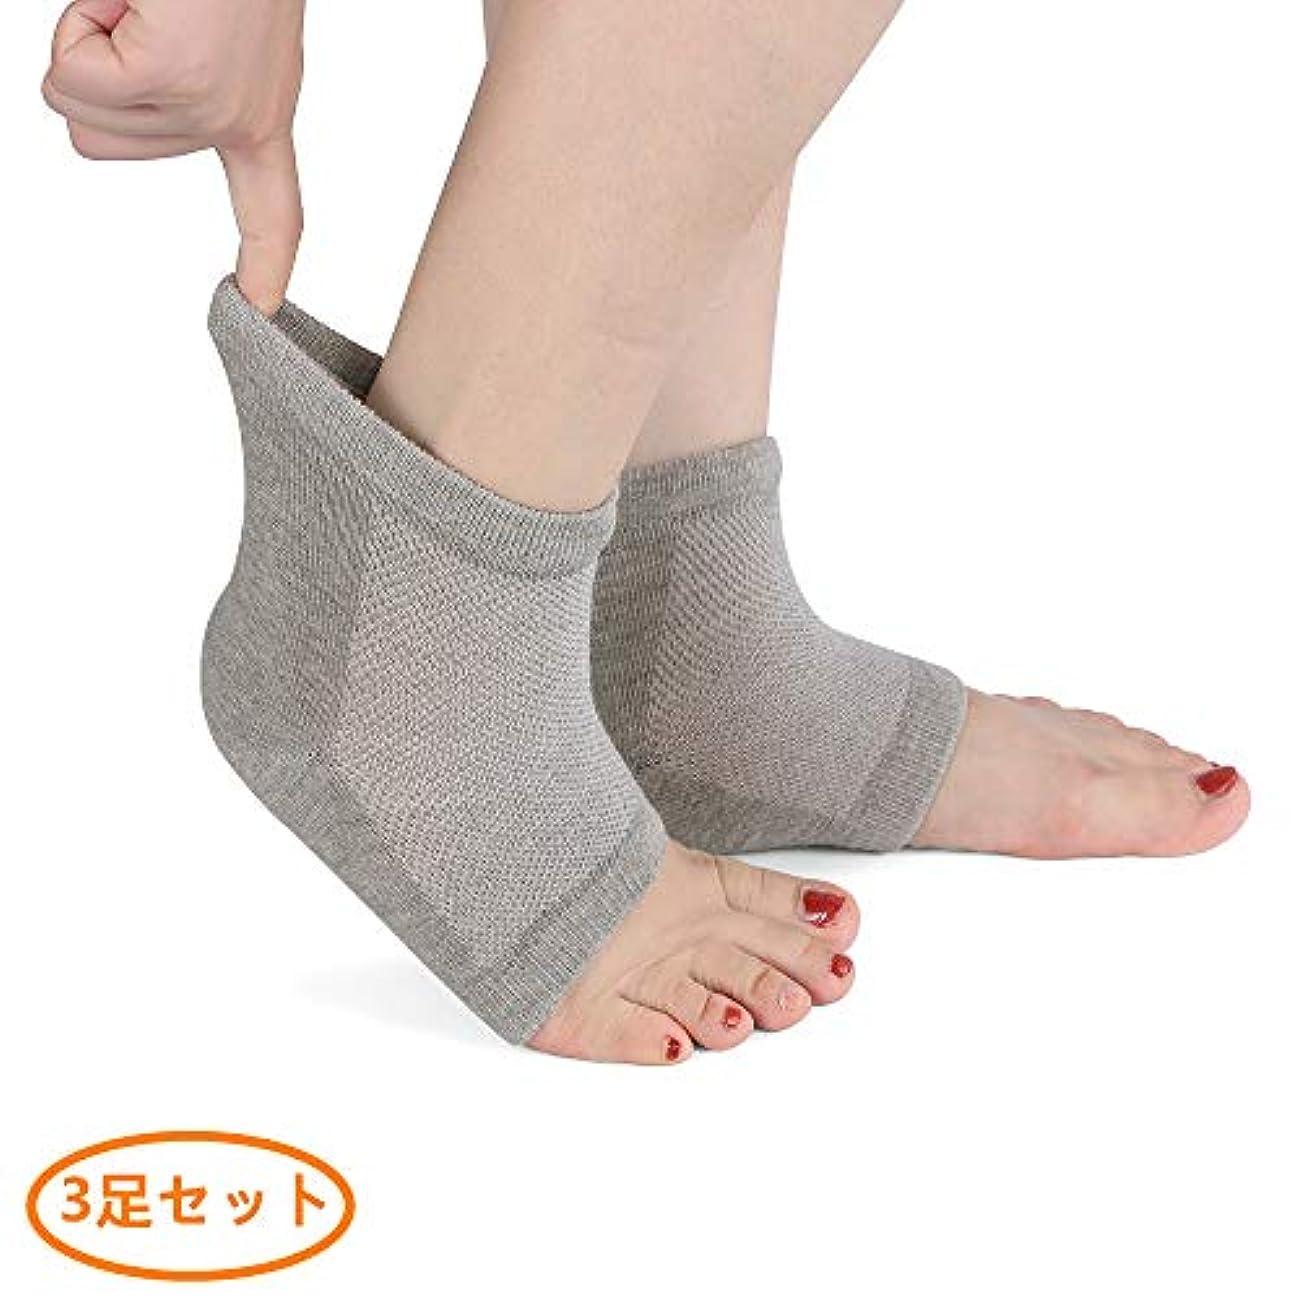 願うチューインガム今YUANSHOP1 かかとケア ソックス 3足セット かかと靴下 レディース メンズ ひび割れケア/角質除去/保湿/美容 足SPA 足ケア フリーサイズ (グレー)